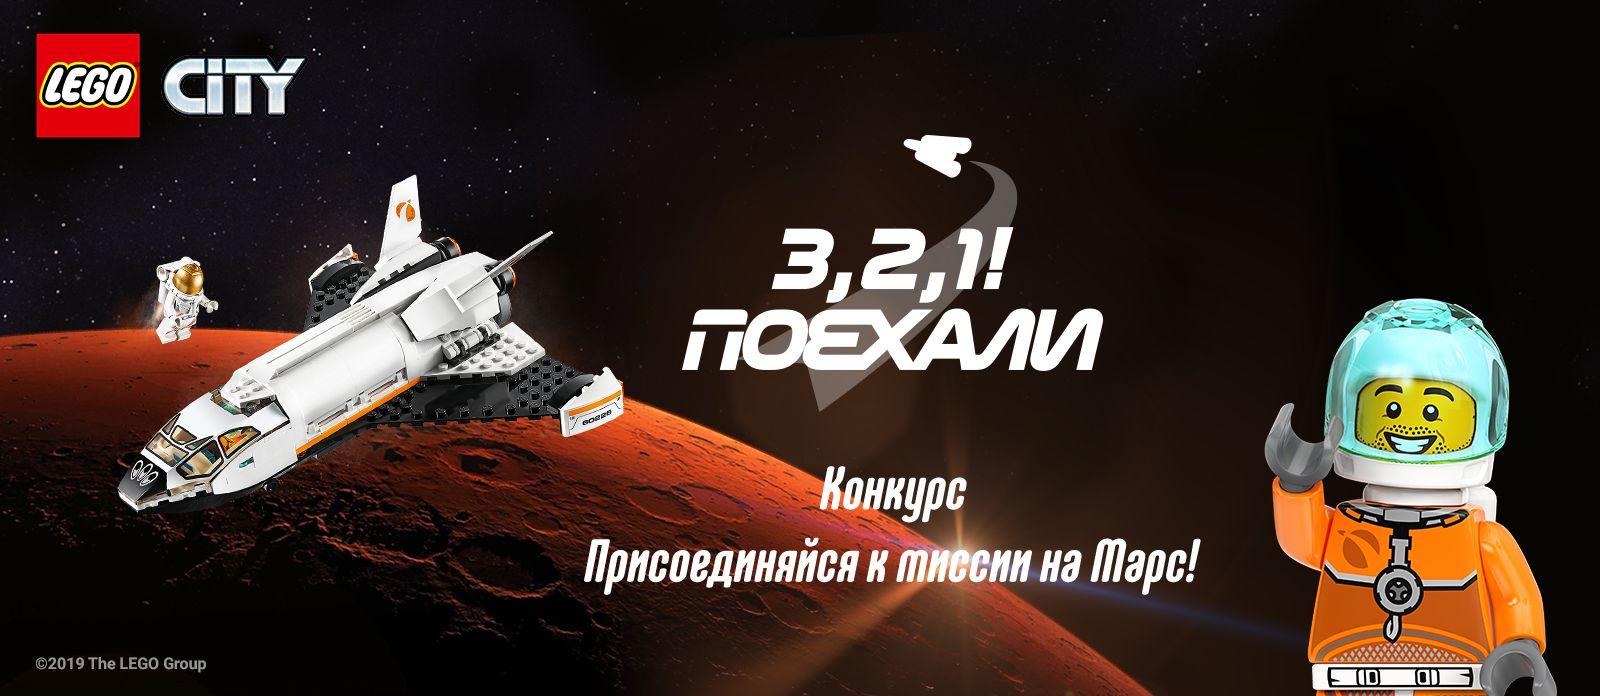 Помоги космонавтам добраться до Марса! Нарисуй космический шатл